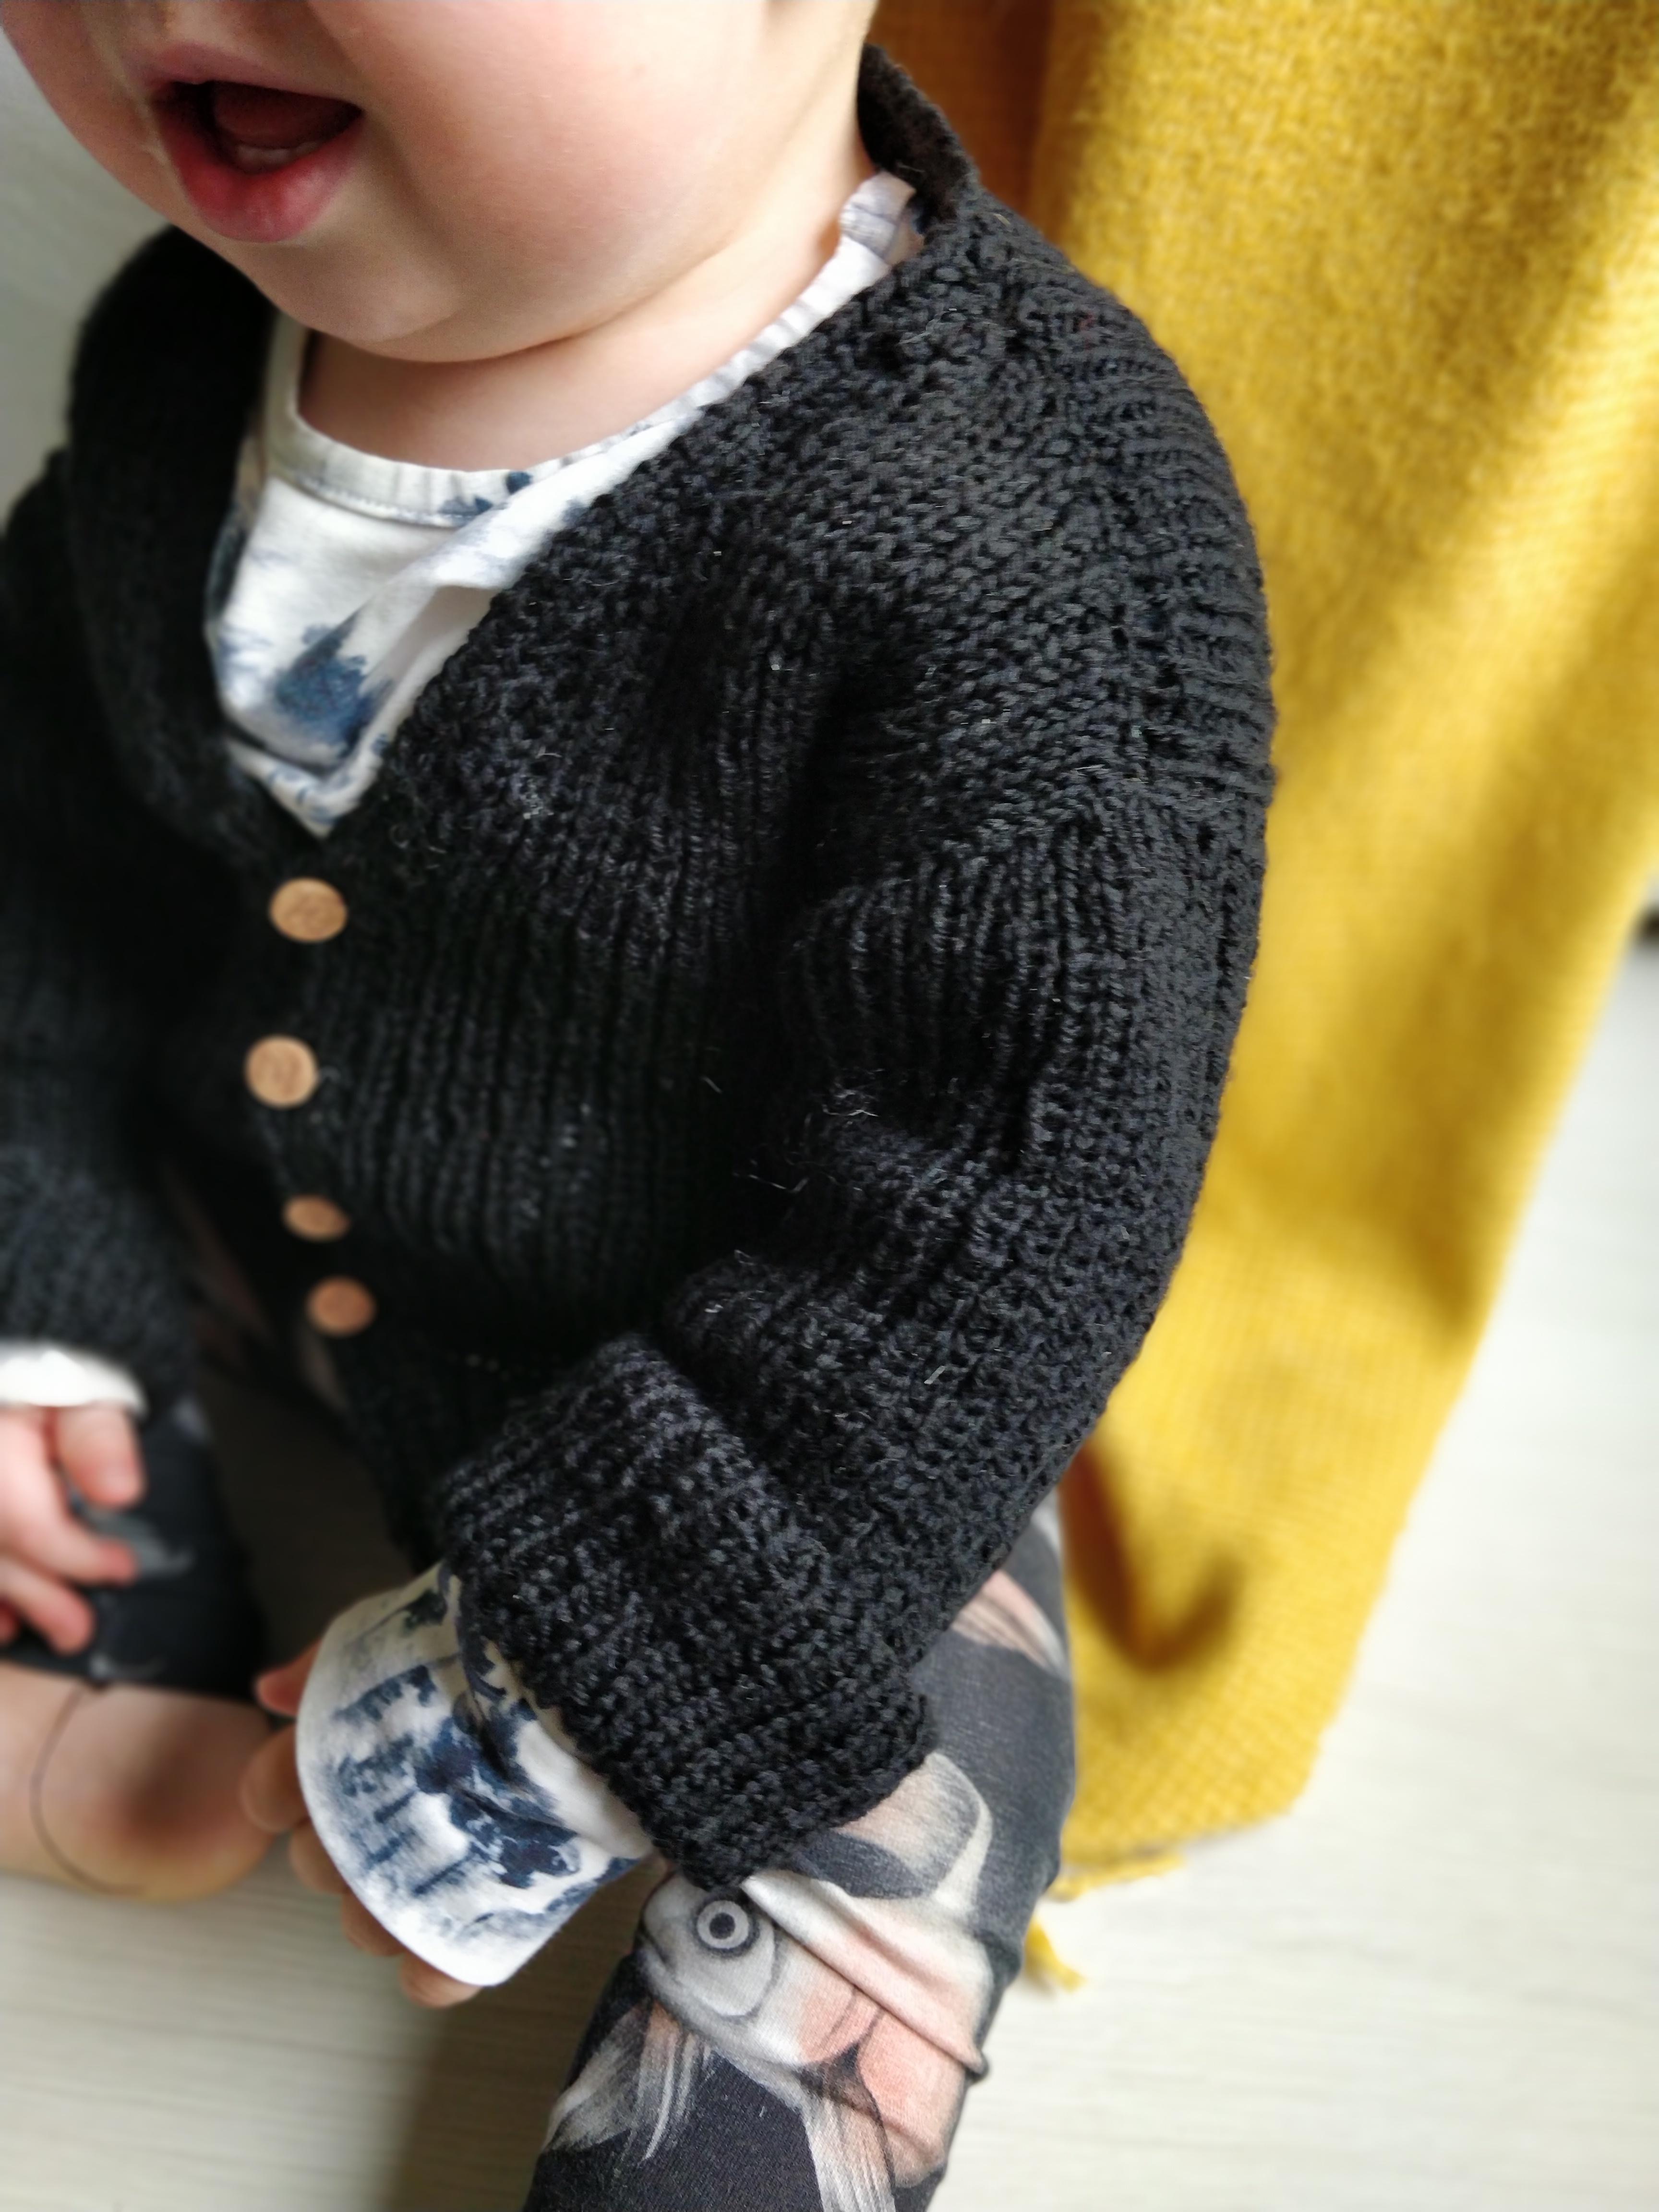 mistä saisi vauvalle neuleita kun ei itseosaa neuloa, villatakki, neulehaalarit, sukat, lakki